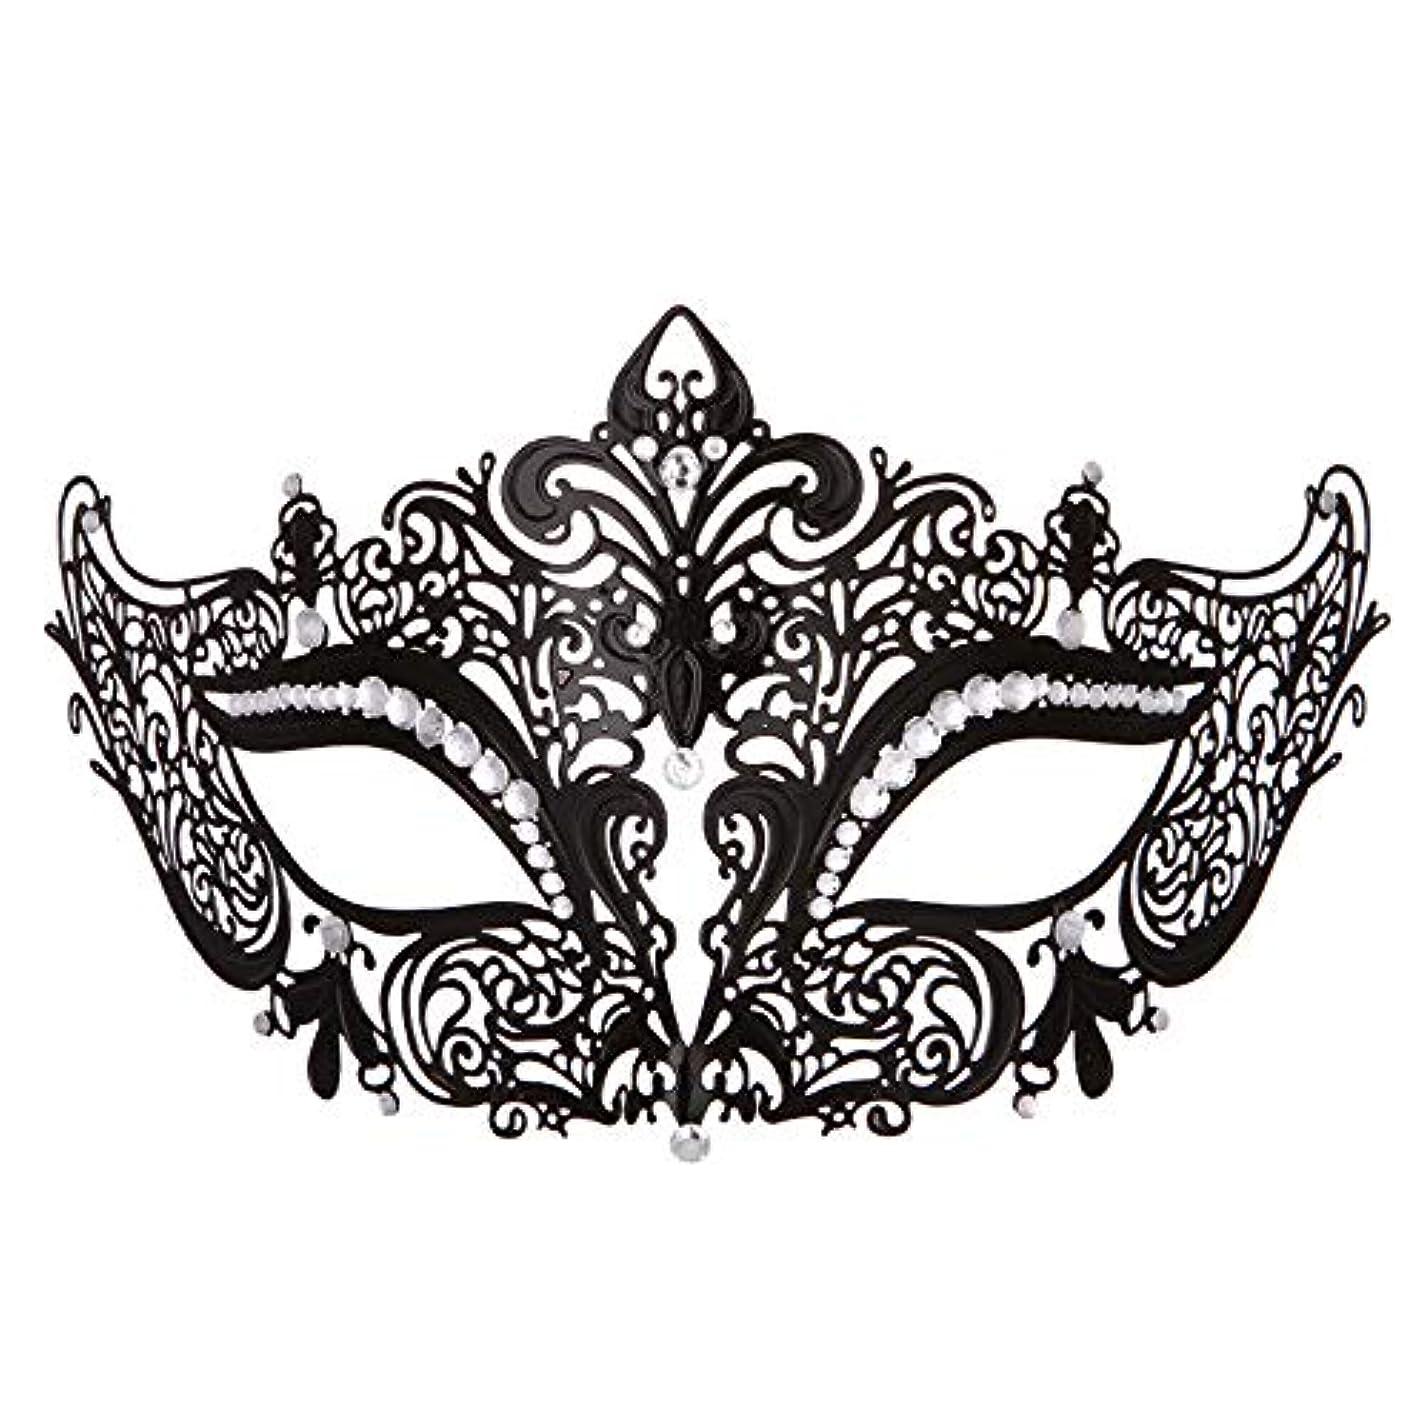 耕す法王省略するダンスマスク 高級金属鉄マスク女性美少女中空ハーフフェイスファッションナイトクラブパーティー仮面舞踏会マスク ホリデーパーティー用品 (色 : 白, サイズ : 19x8cm)